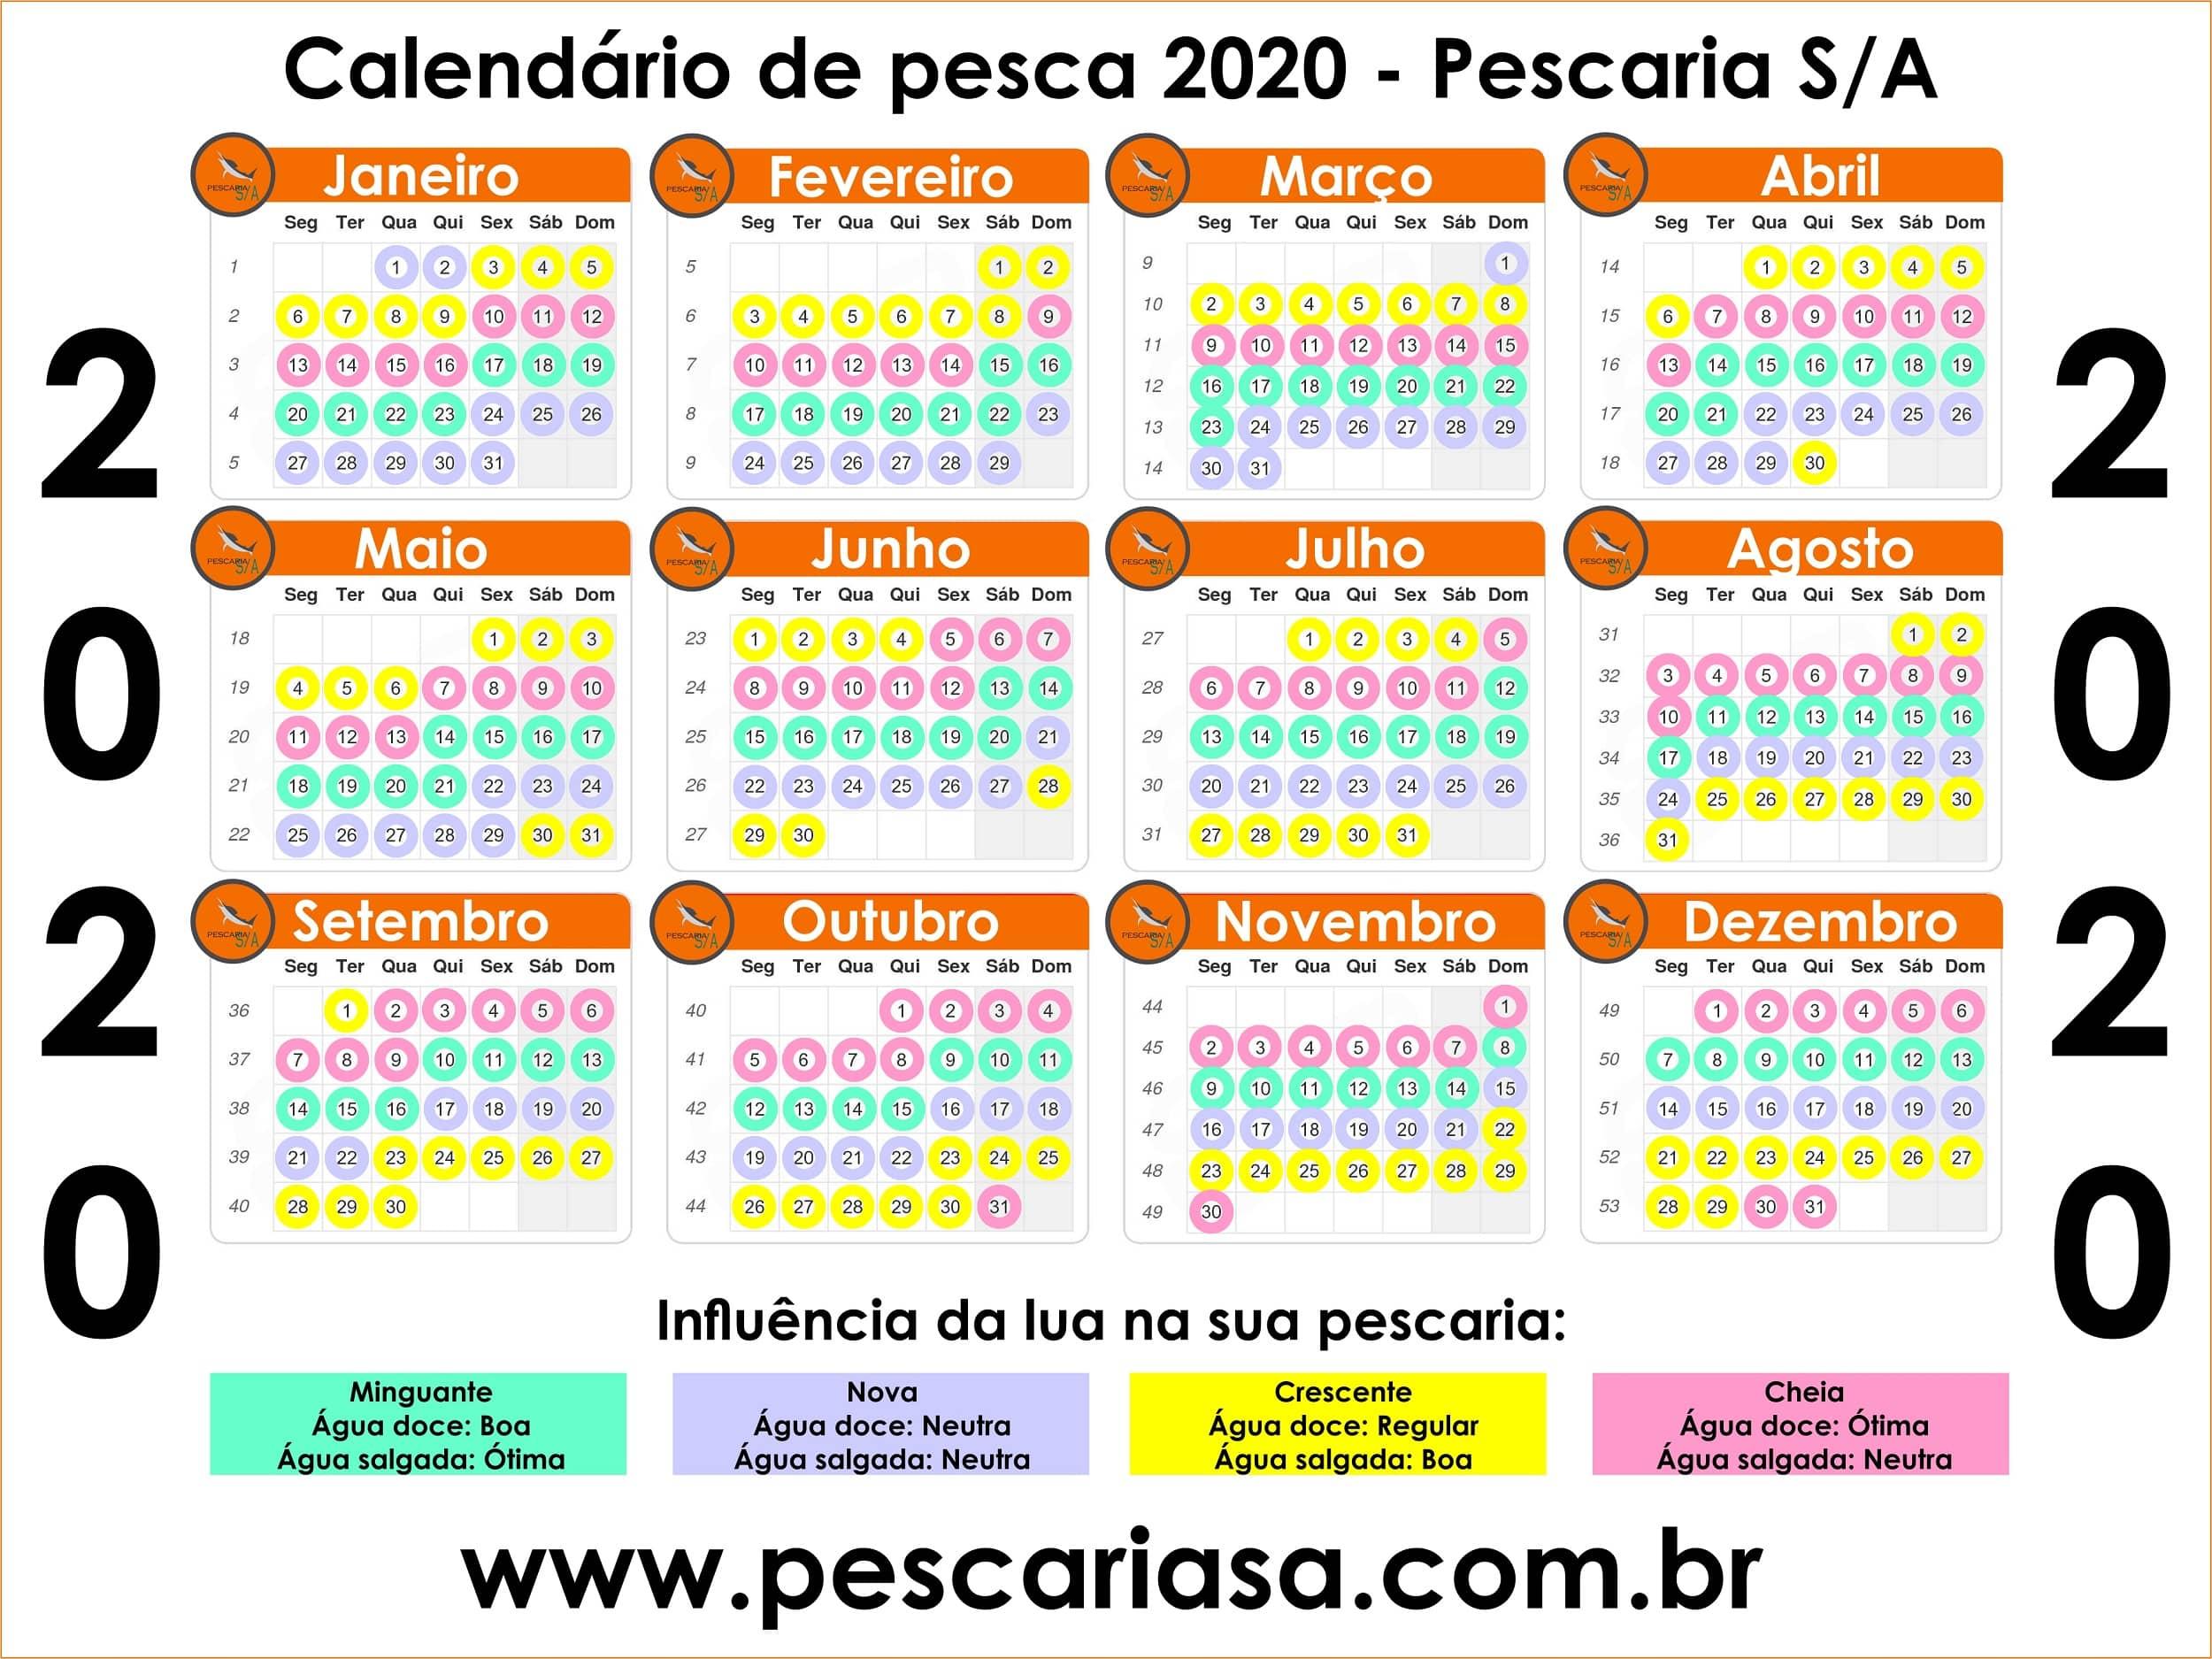 calendário de pesca 2020 básico lunar para imprimir